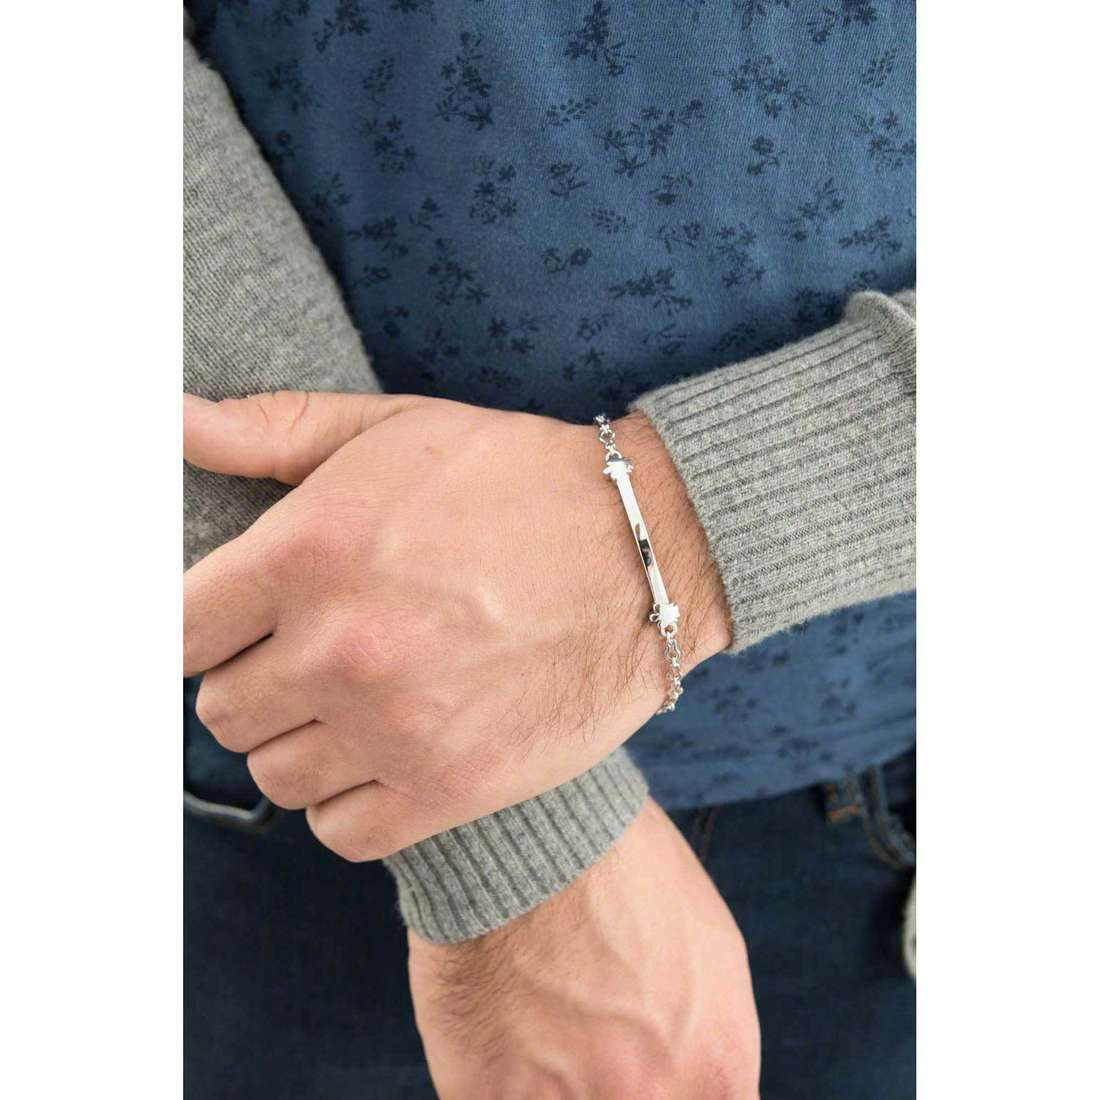 Giannotti bracciali uomo GIA264 indosso